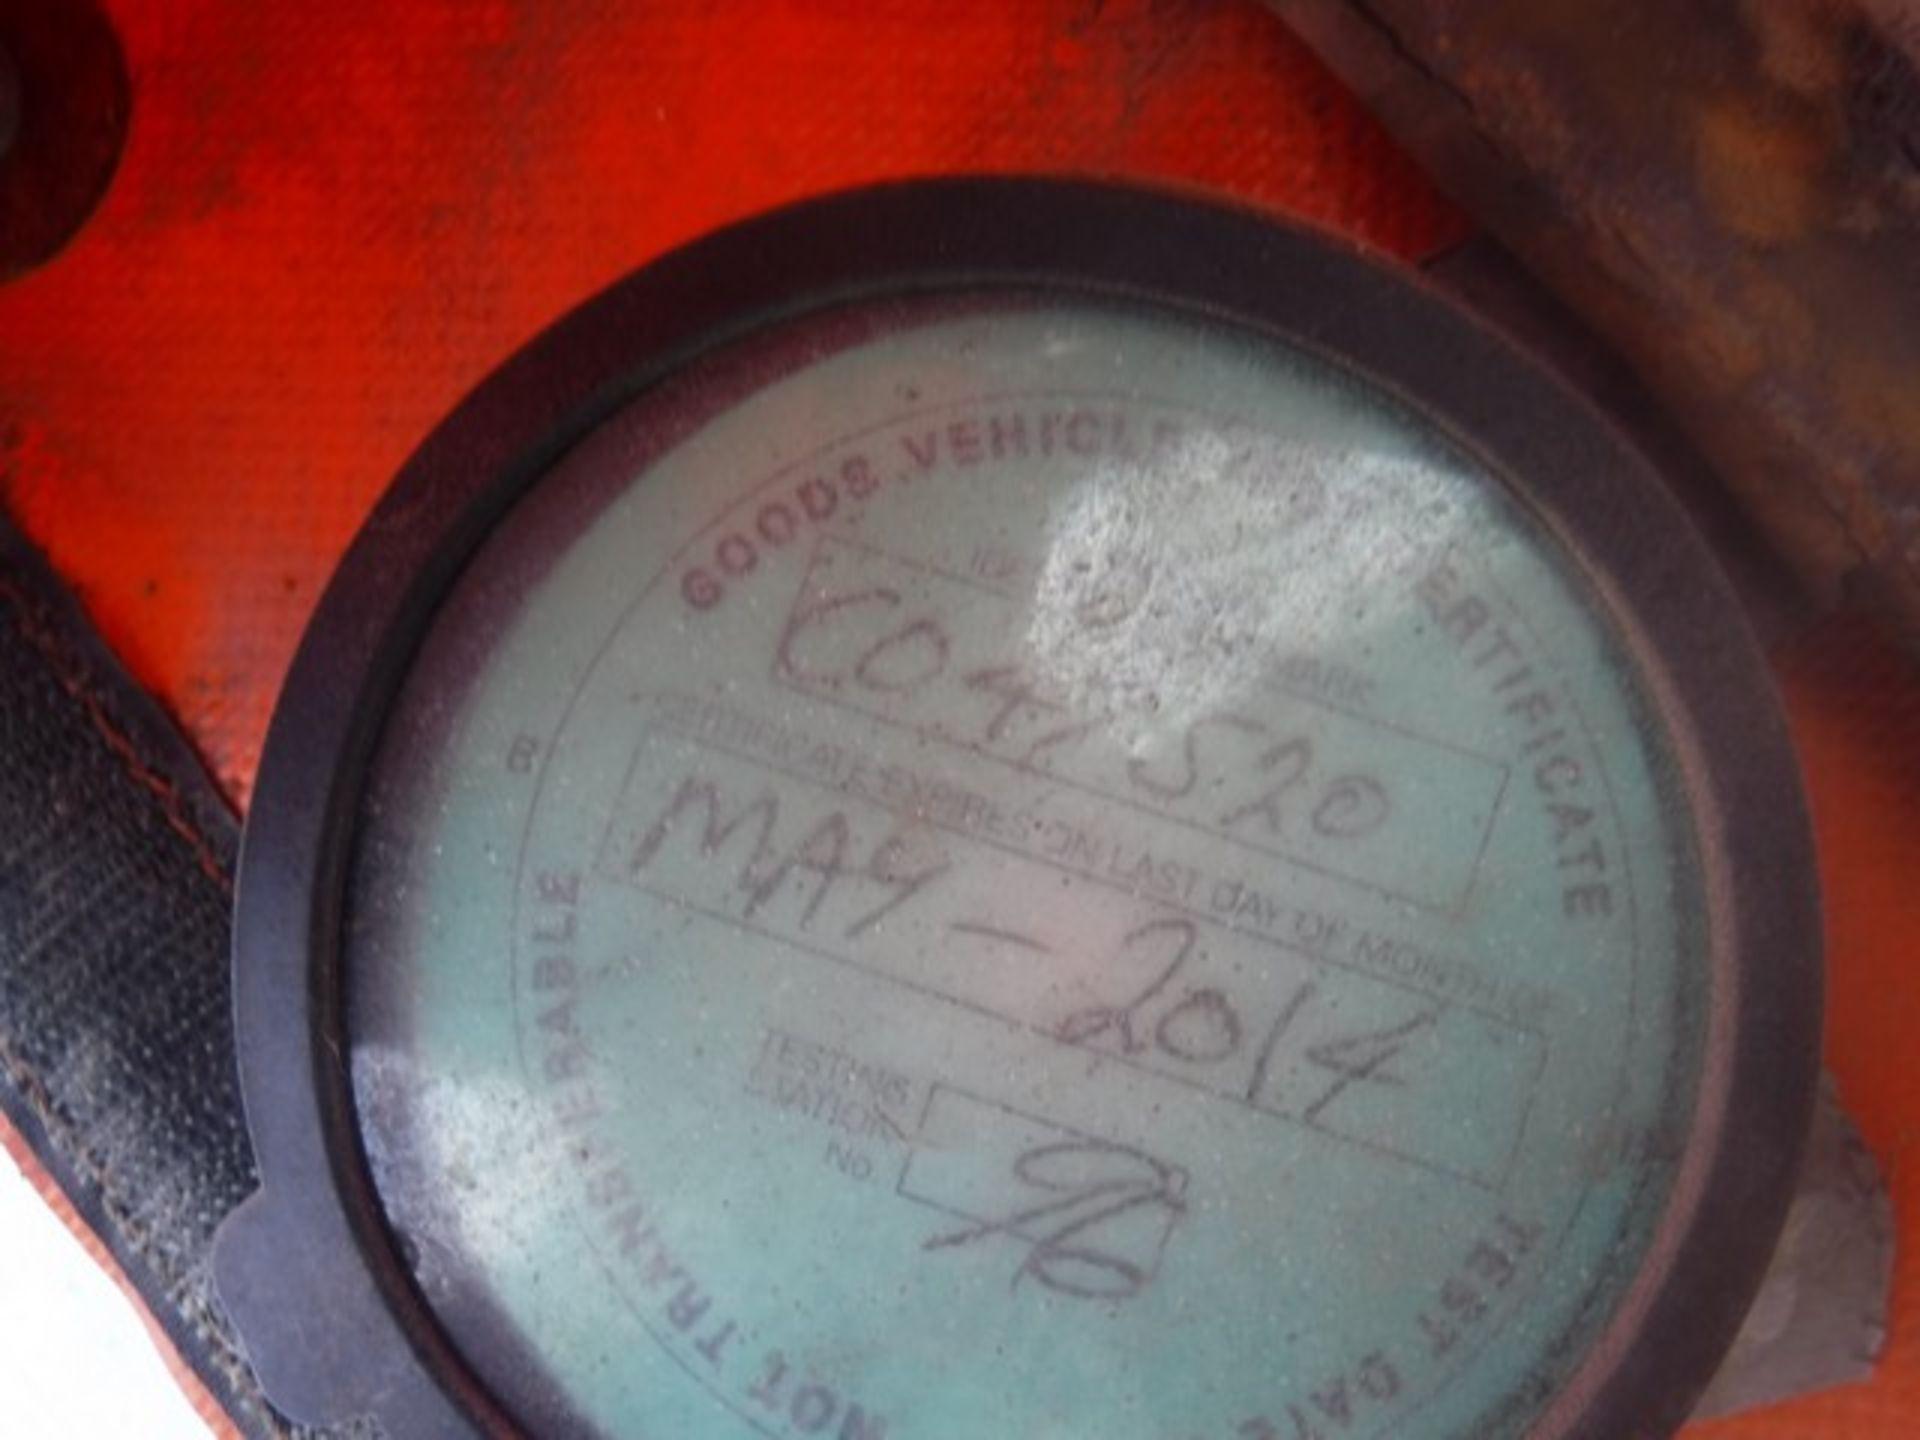 Lot 1604 - MONTRACON BLUE BOX TRAILER 2000, CN- DV61053